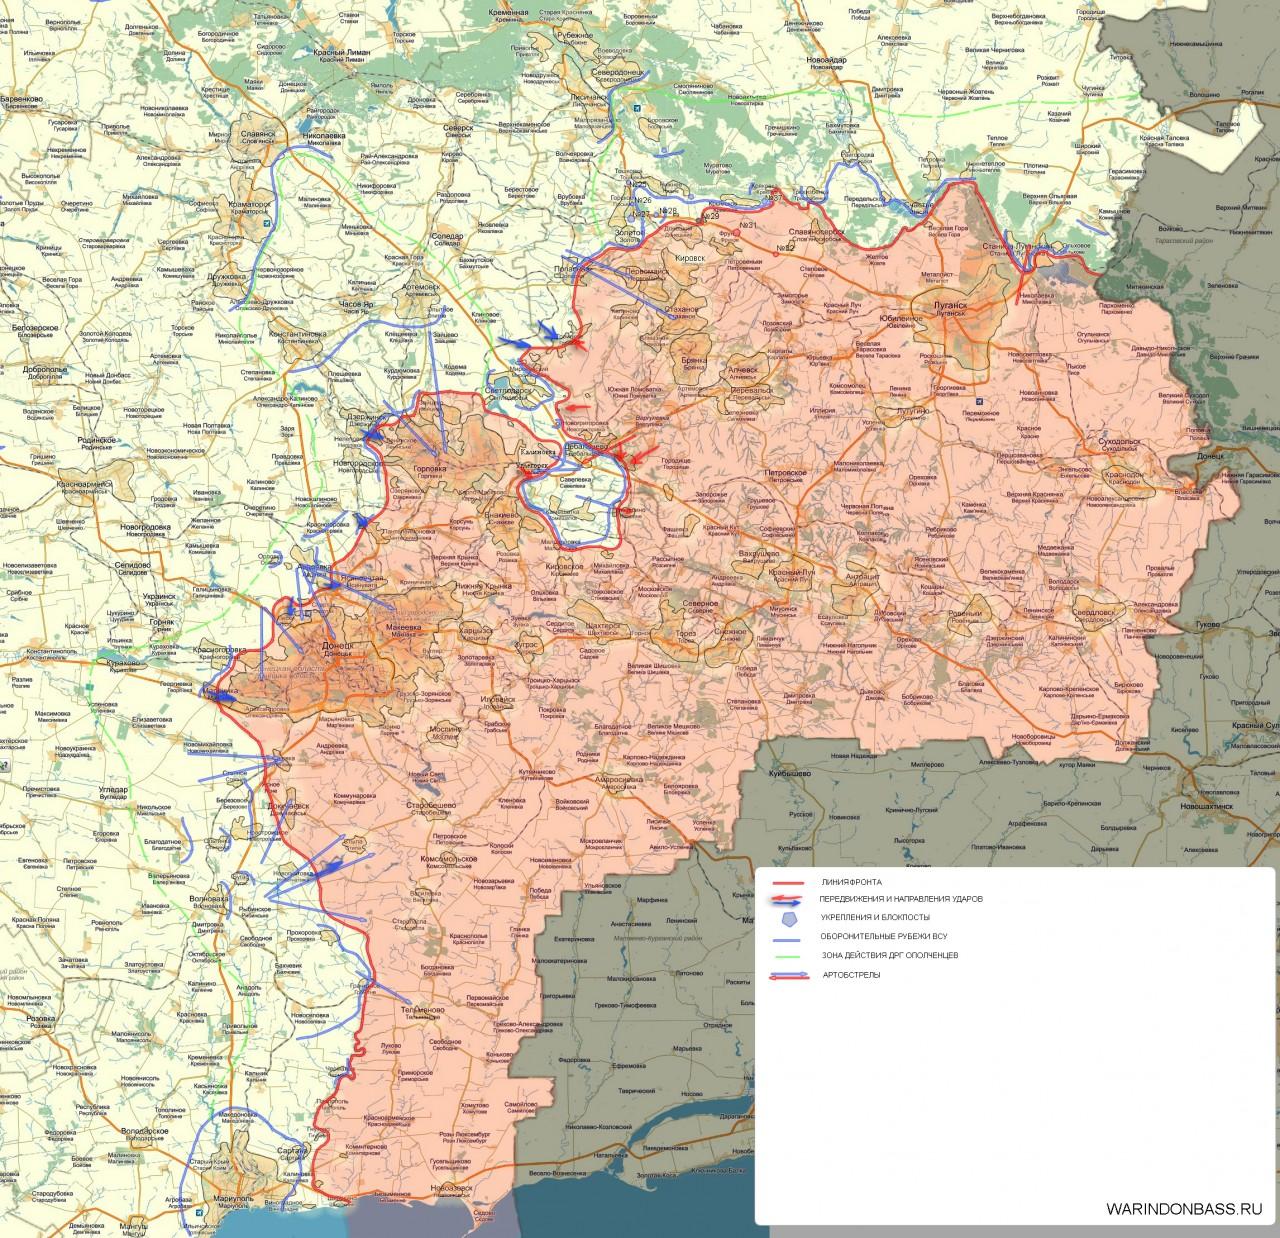 Карта боевых действий в Новороссии на 7 февраля (от warindonbass)